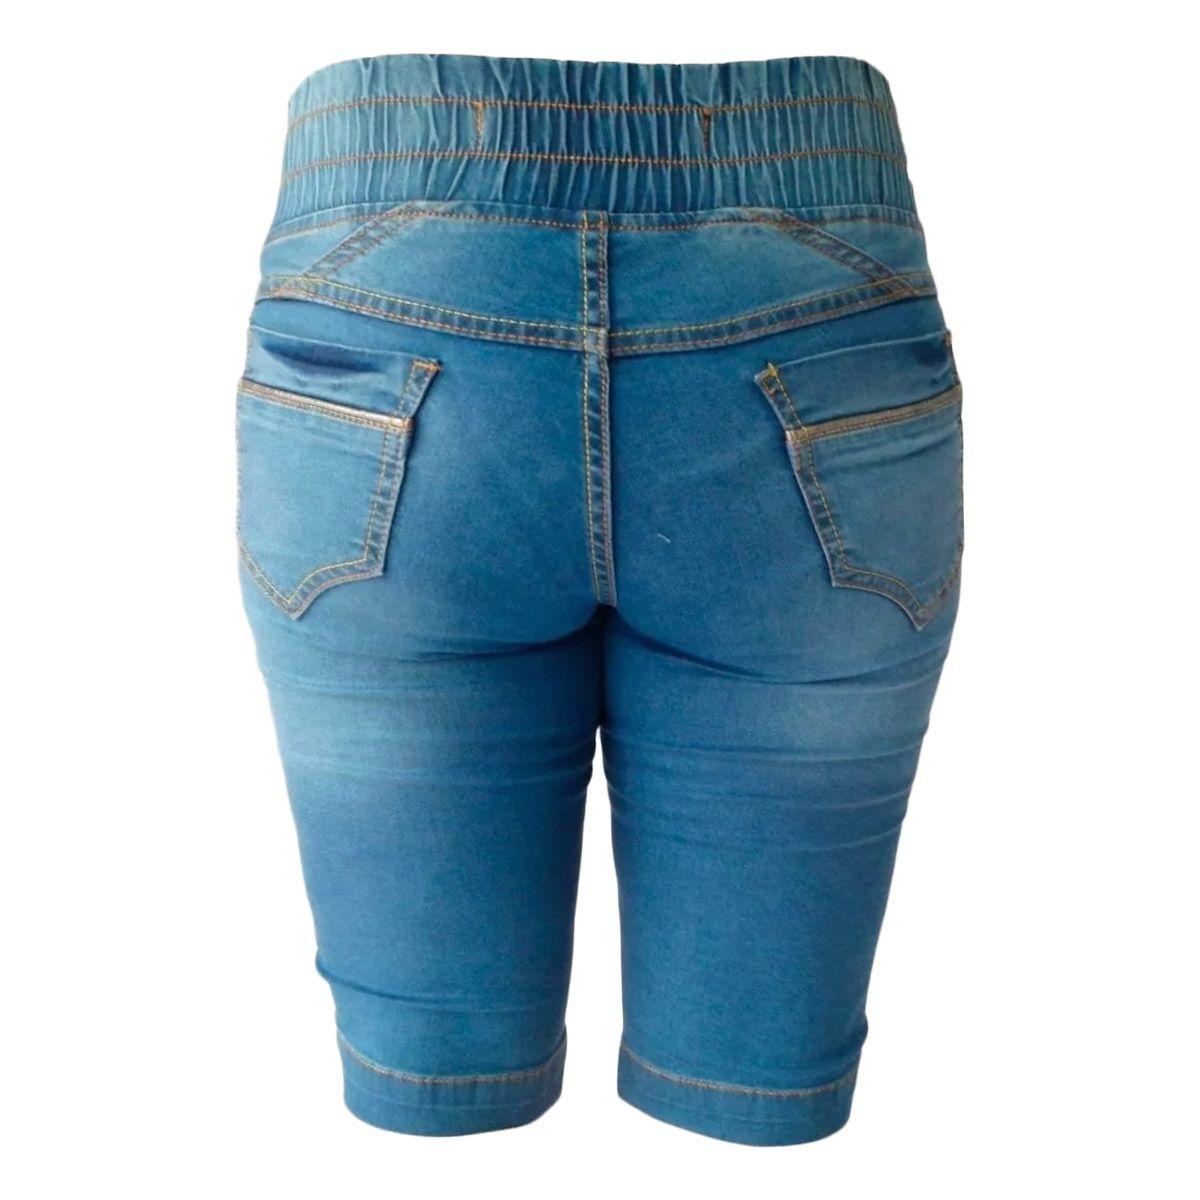 Bermuda Jeans Ciclista C/ Elástico Tamanhos 38 e 40